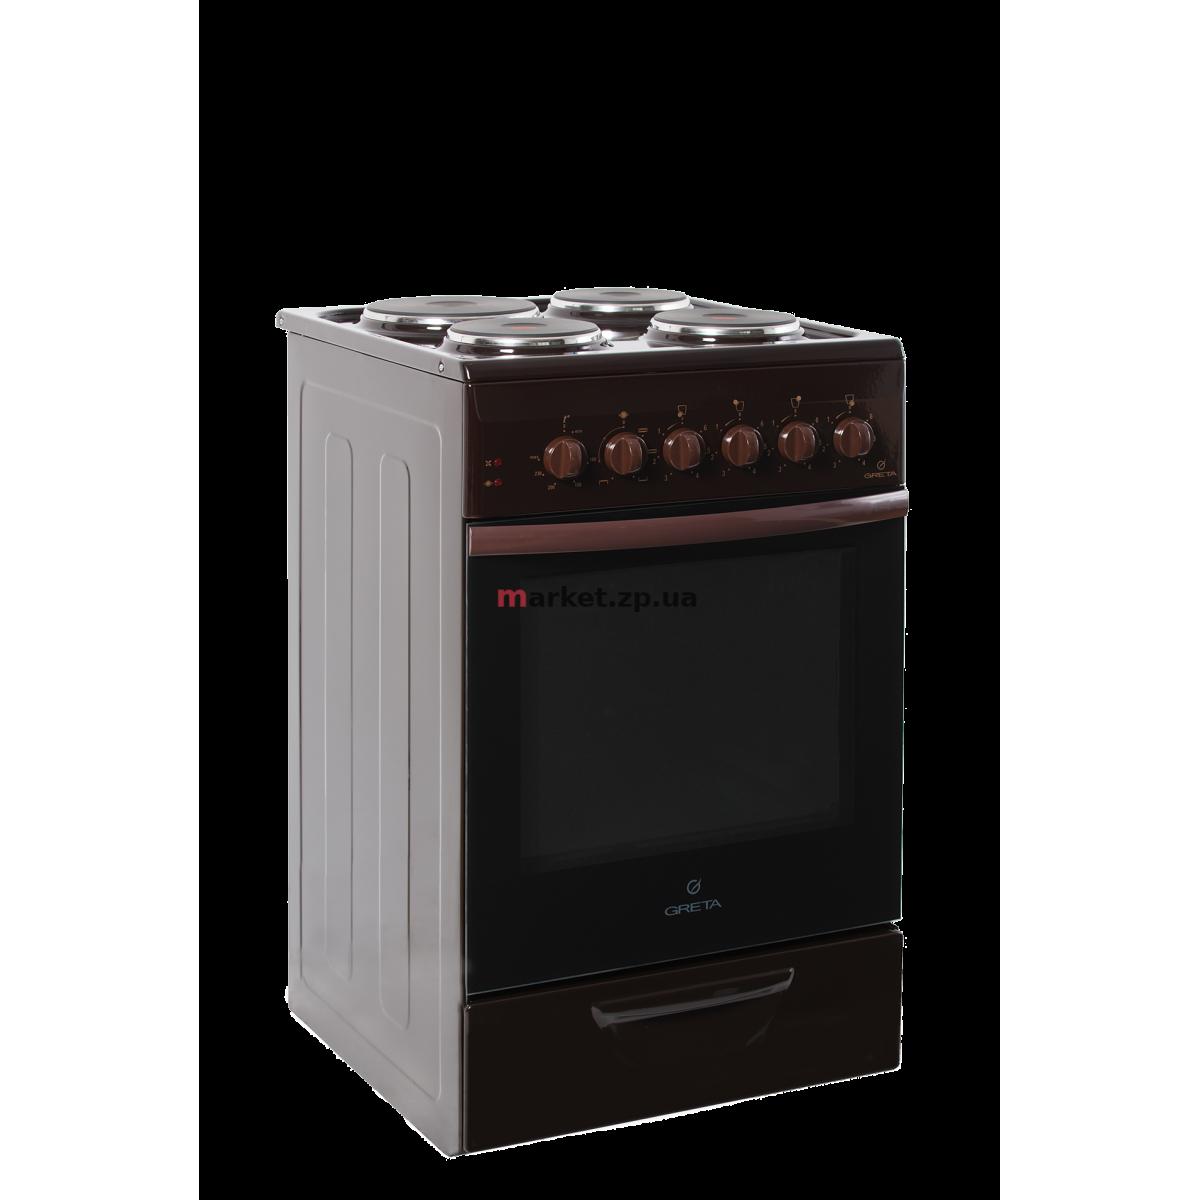 Плита электрическая GRETA 1470-Э-исп 07 коричневая